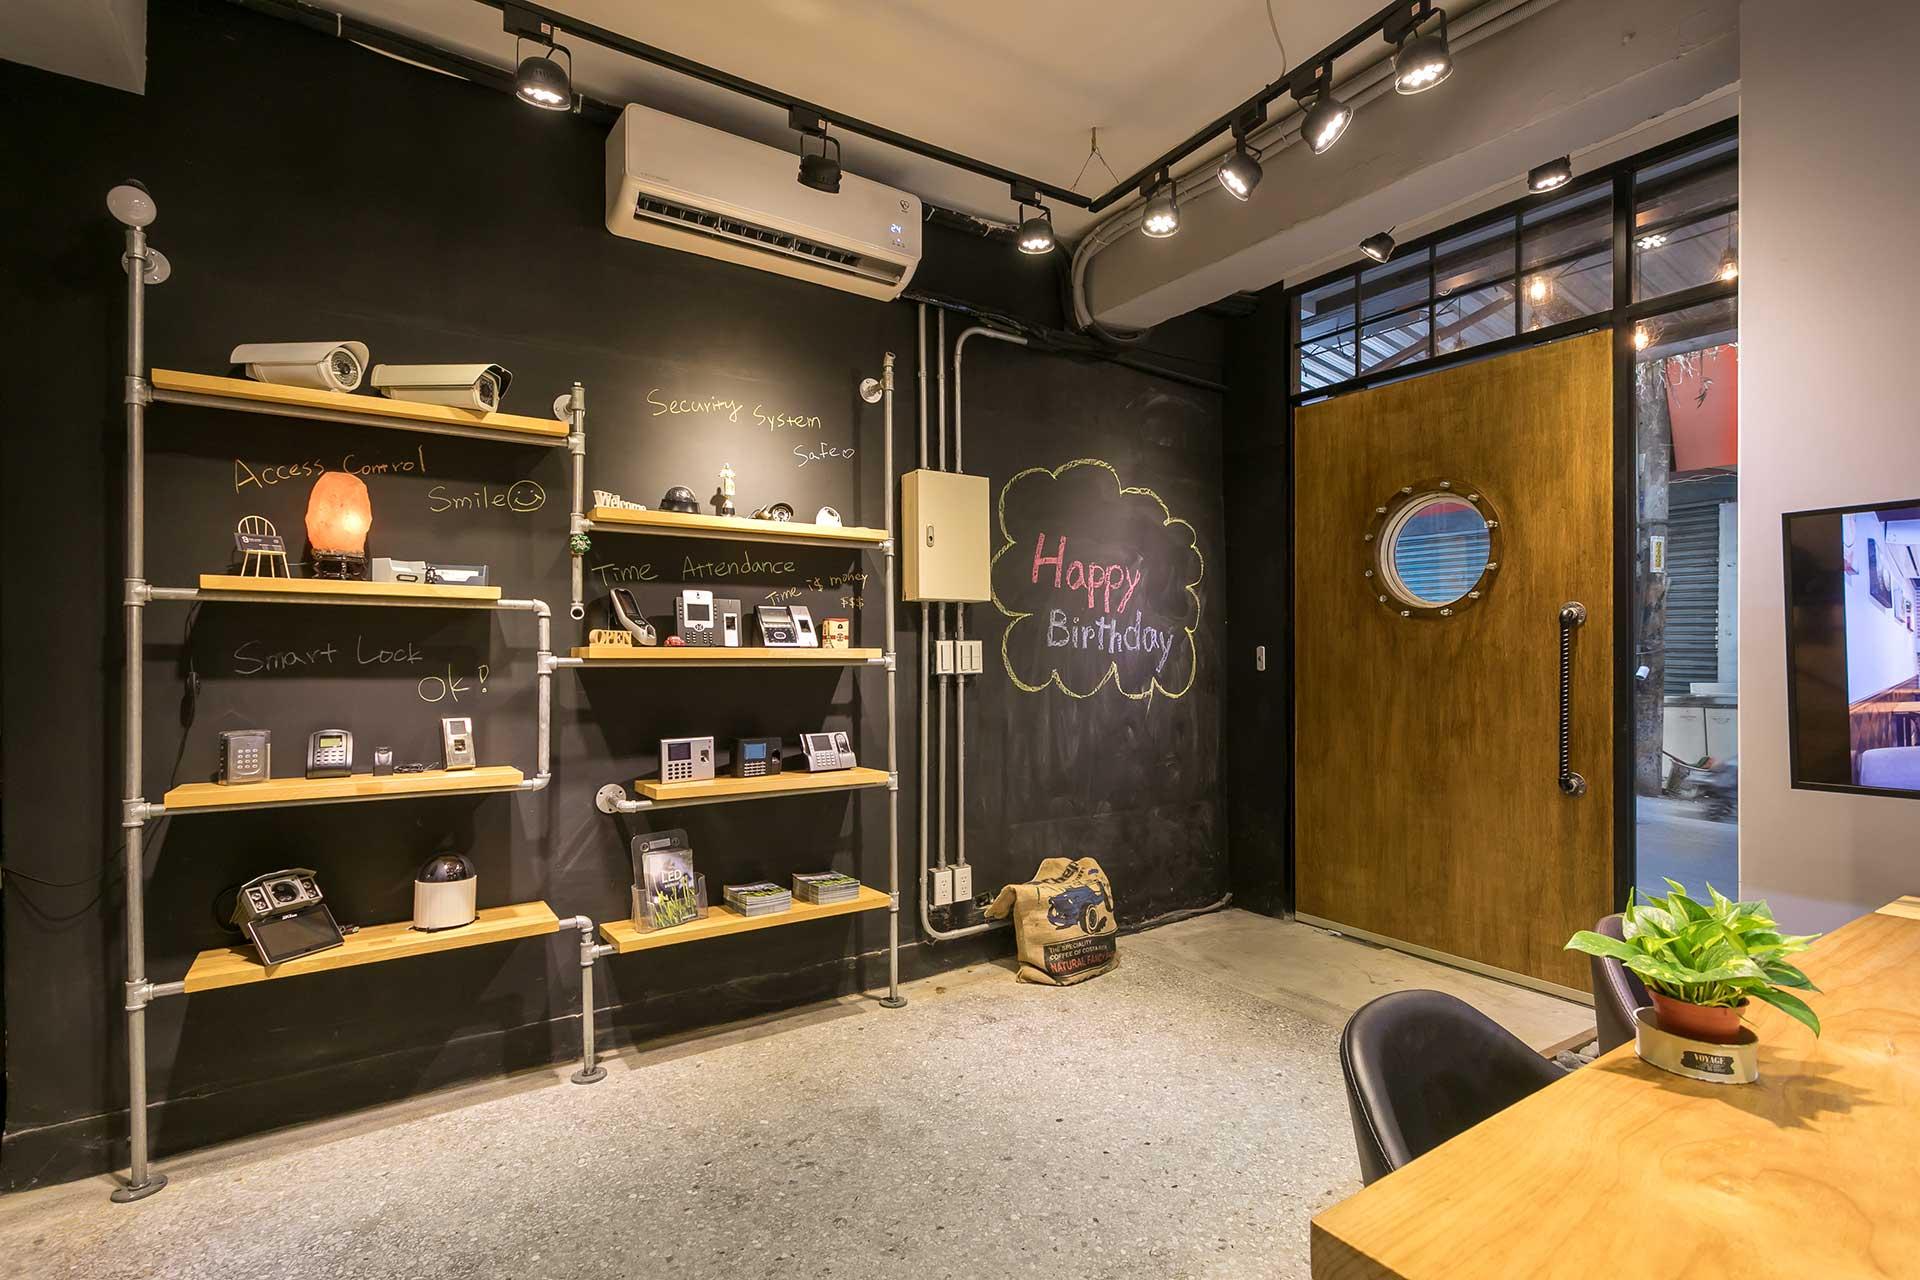 產品展示層架與黑板塗鴉牆面